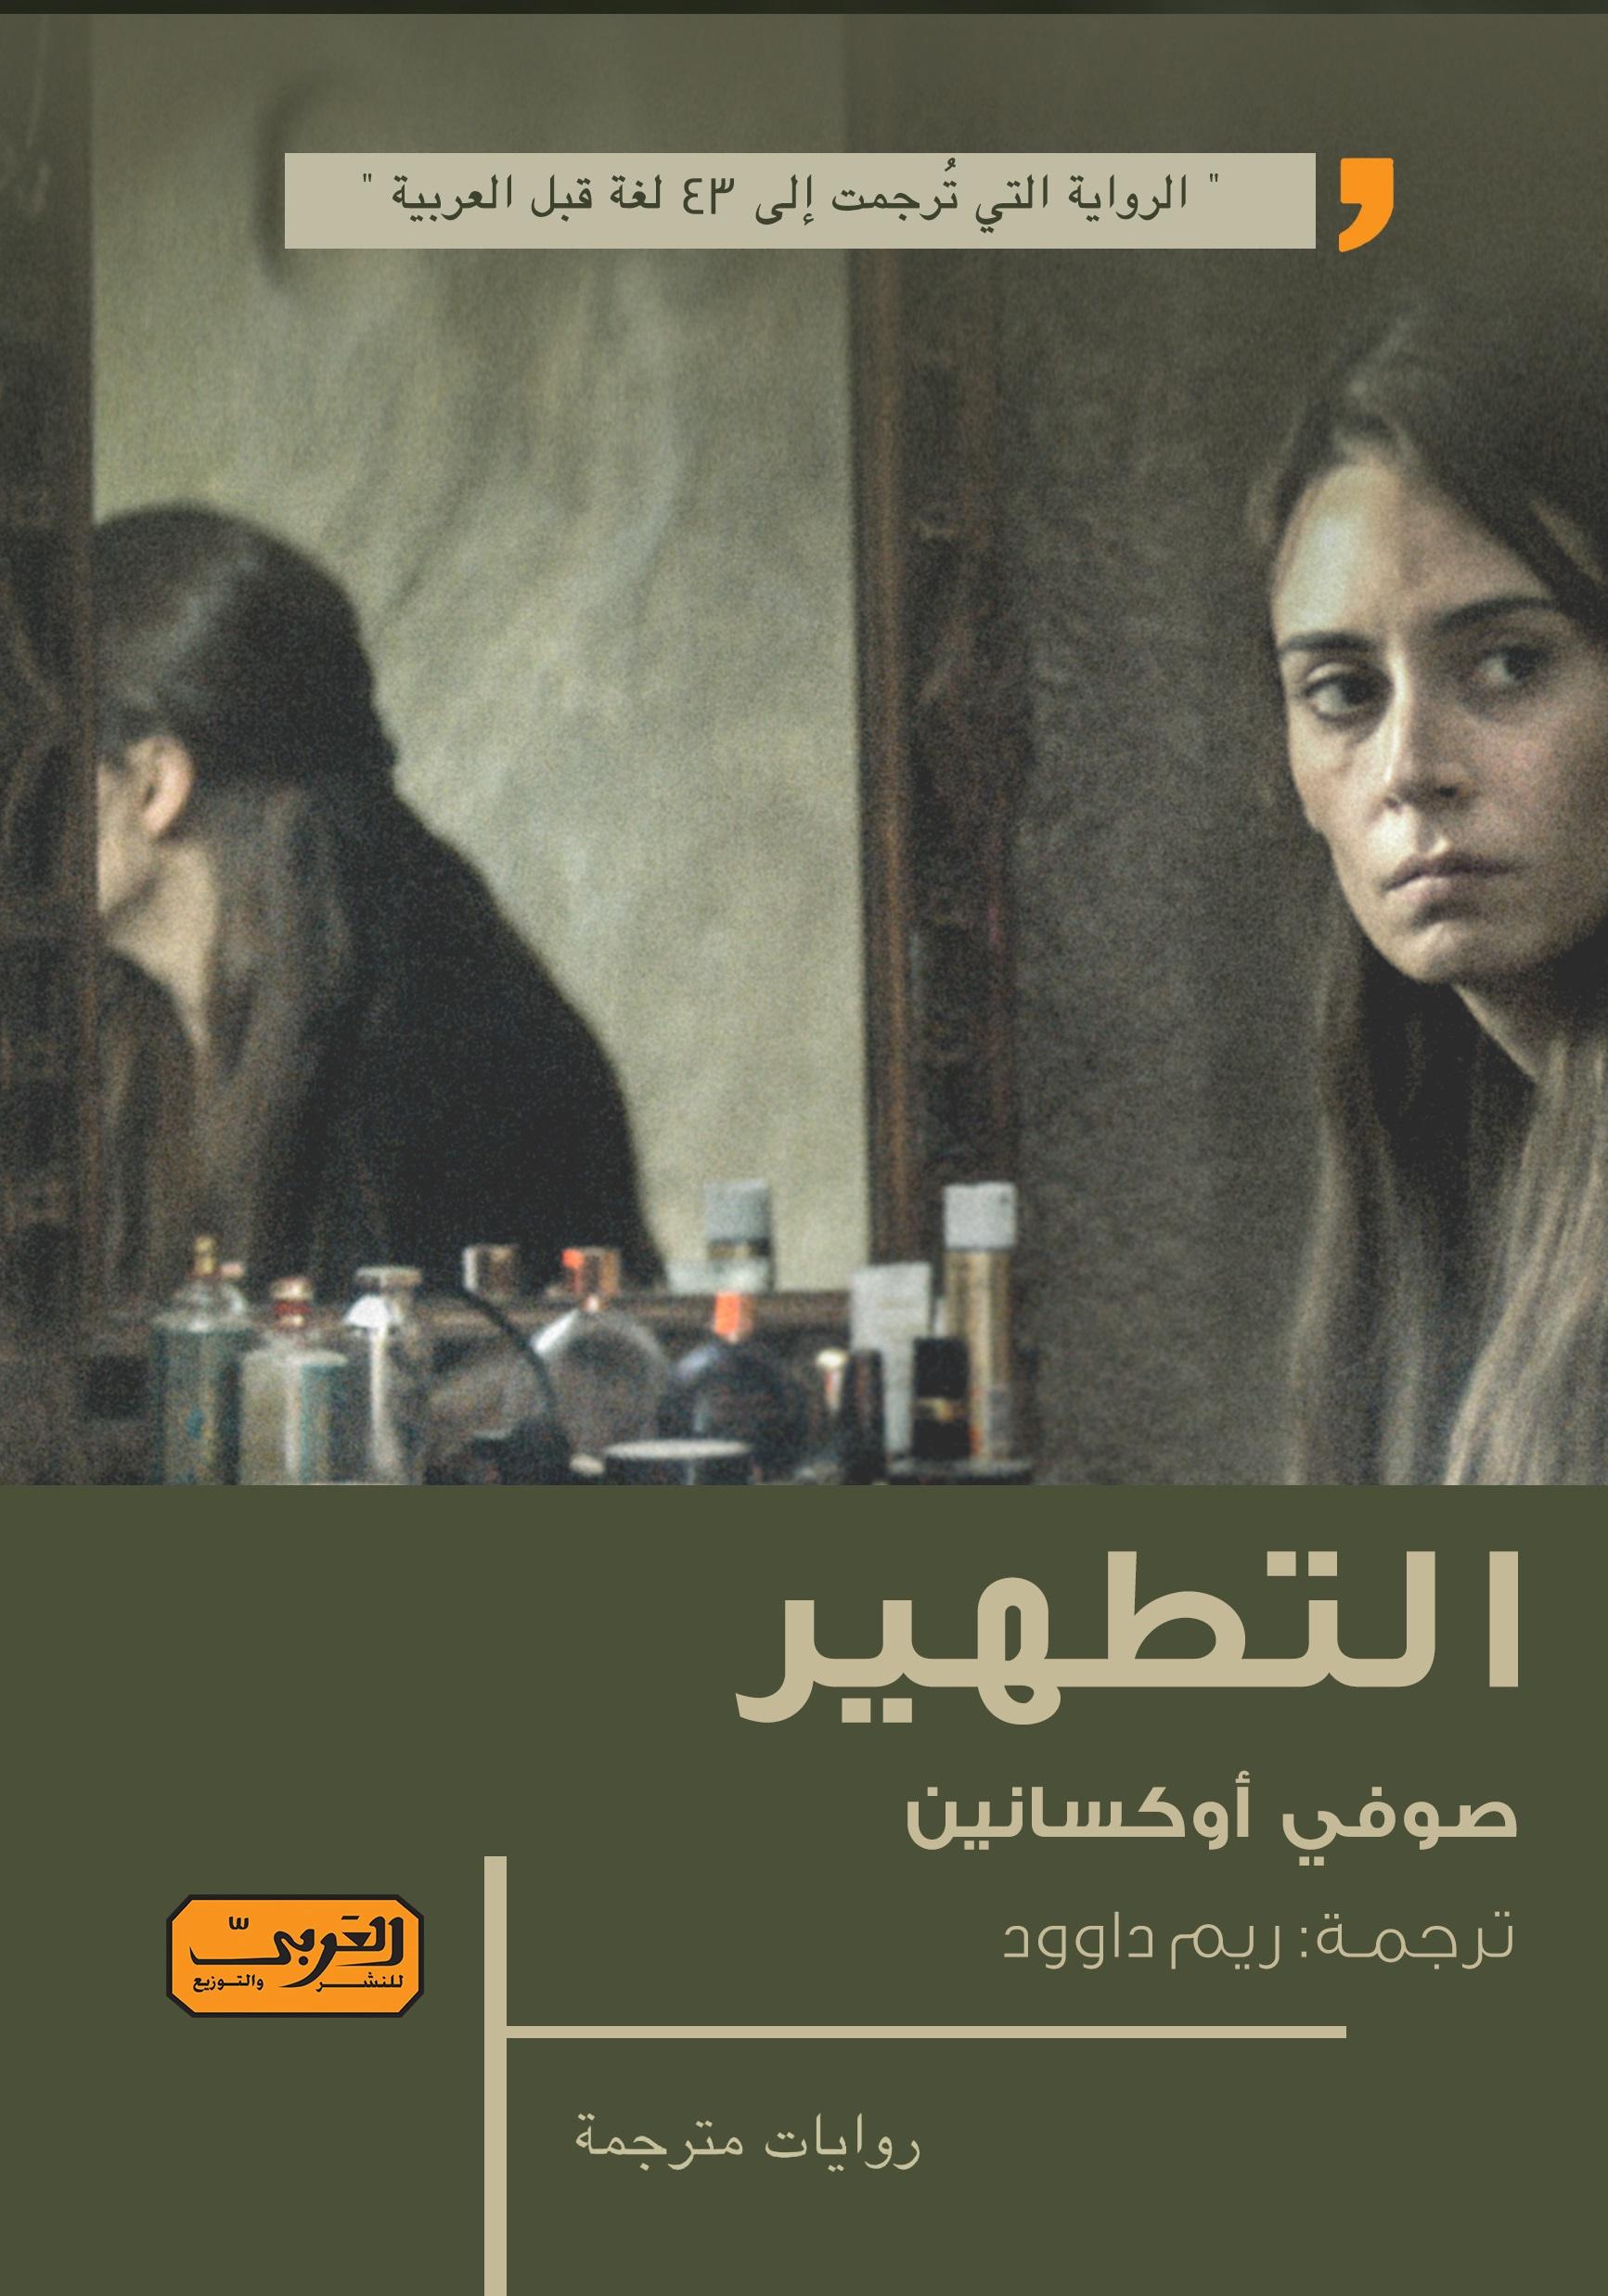 رواية التطهير للكاتبة صوفى أوكسانين